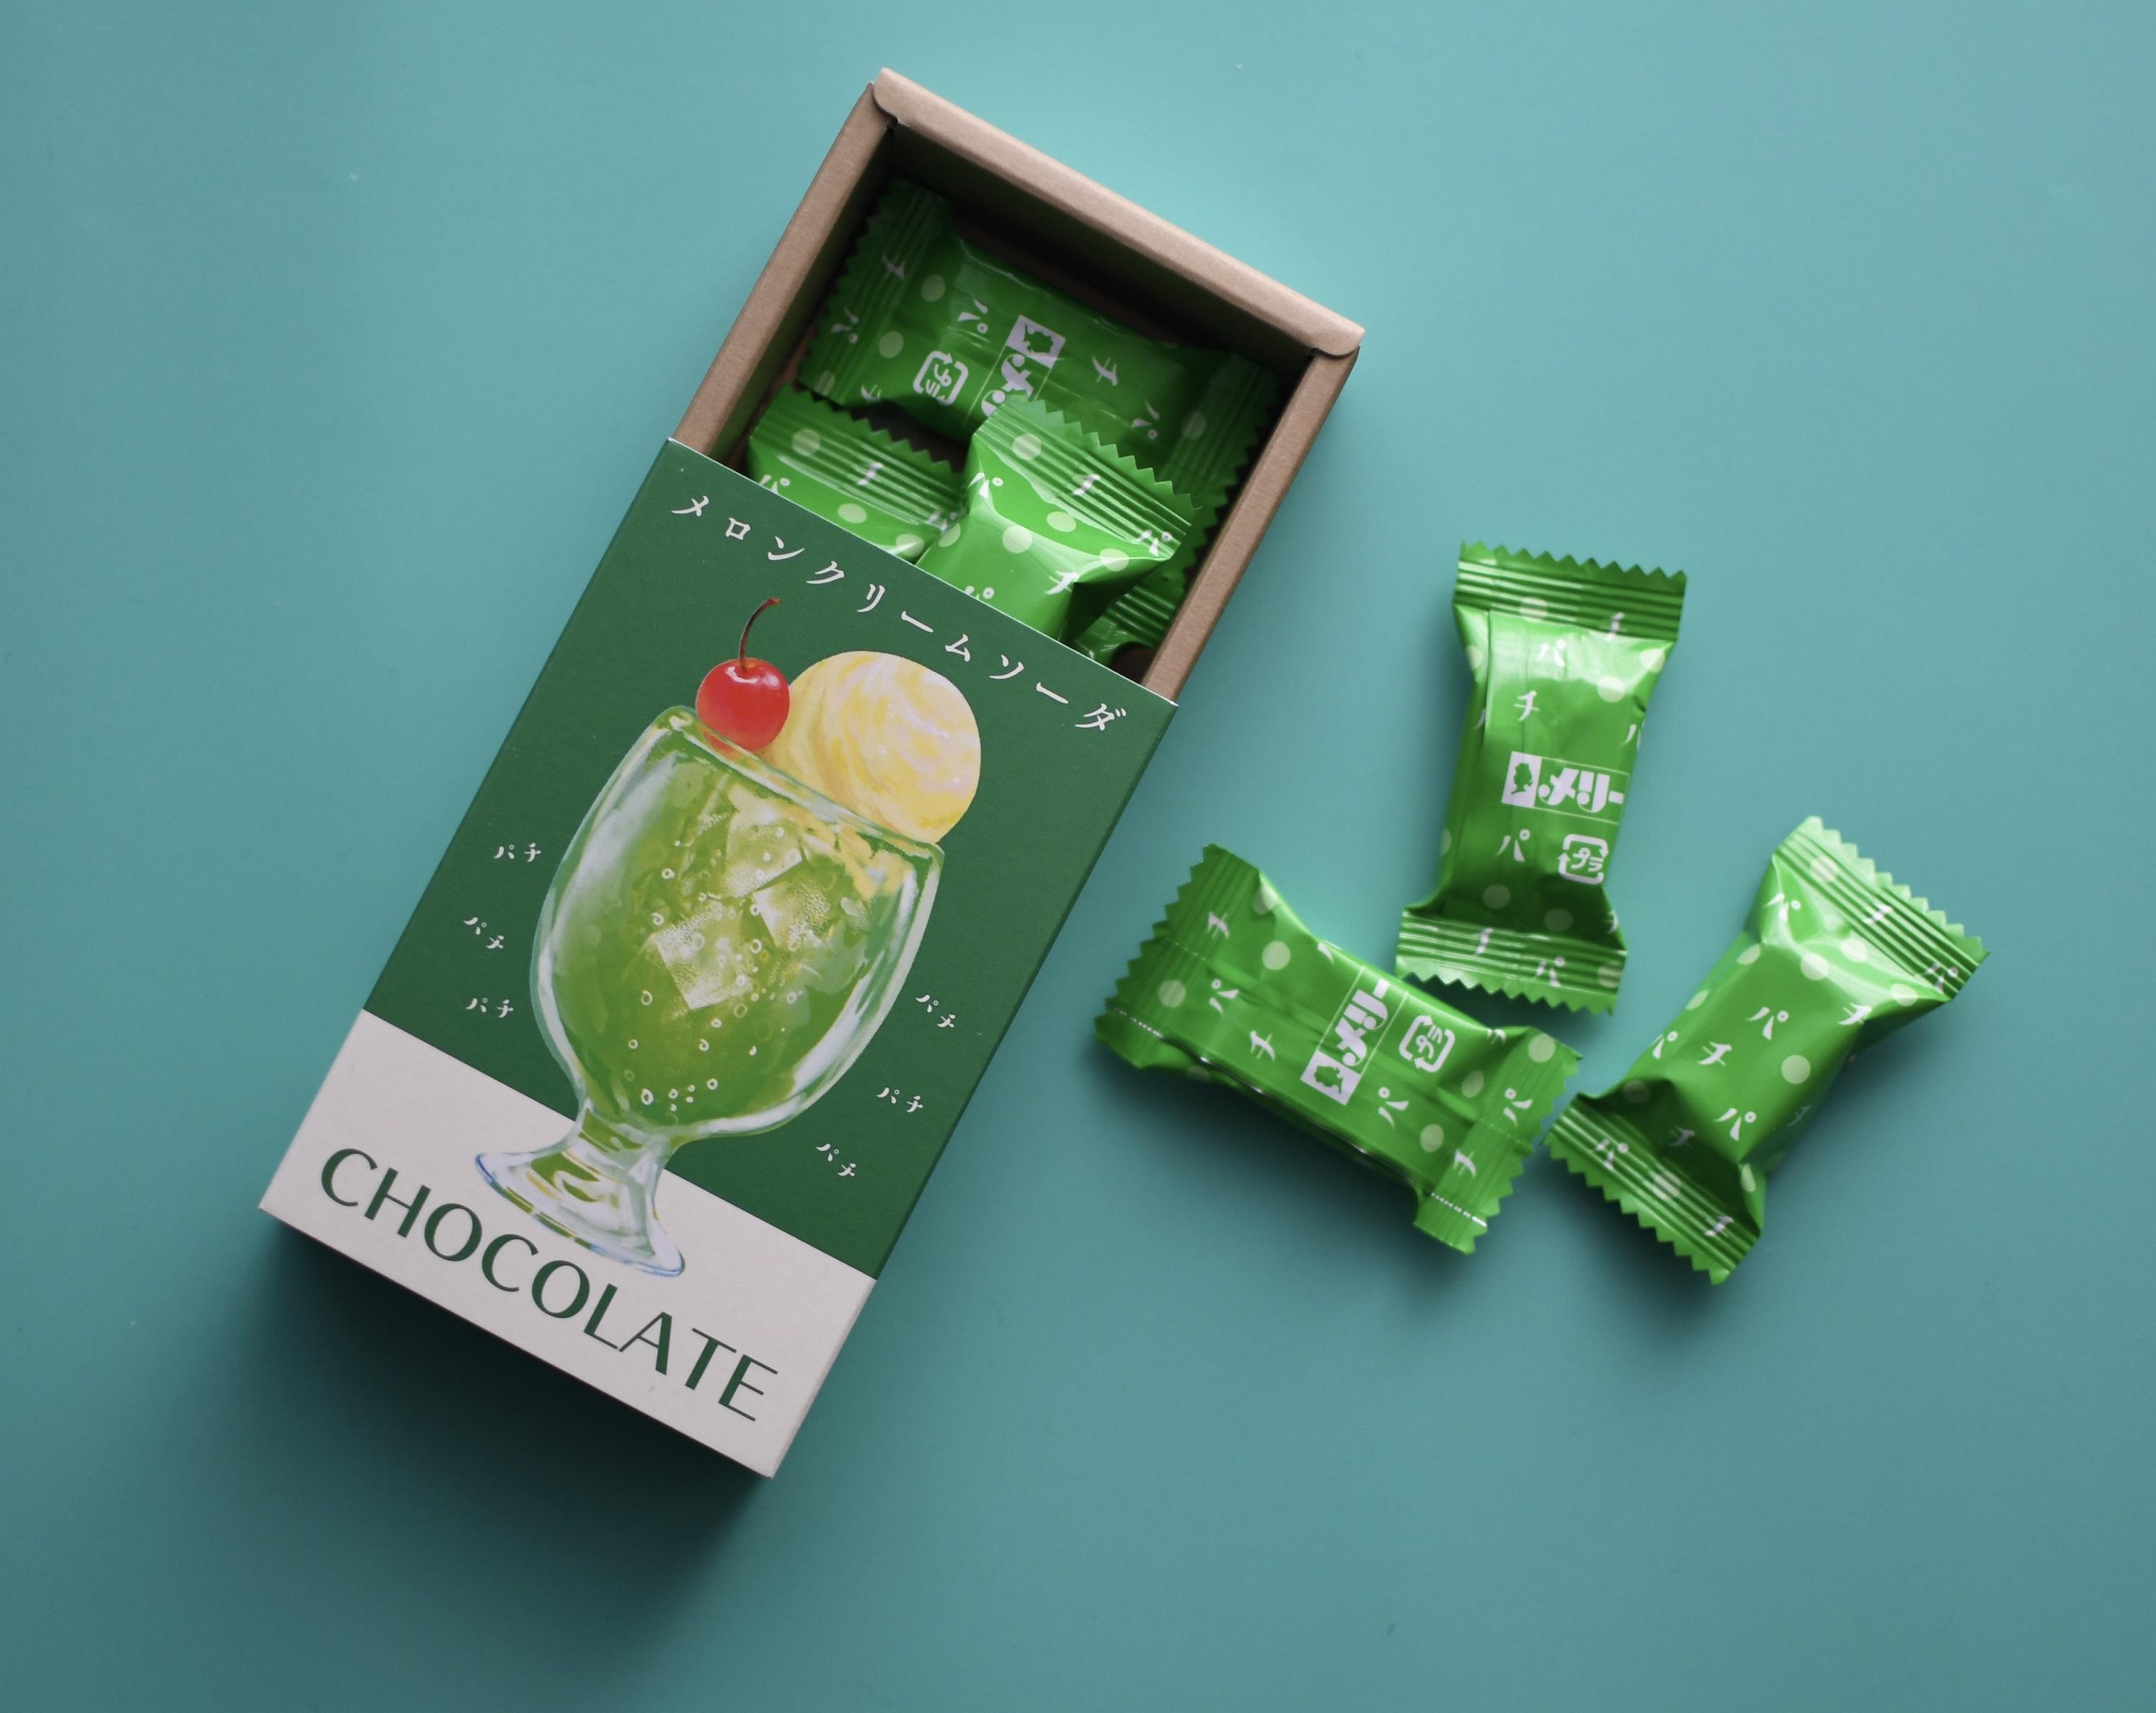 【メリーチョコレート】の「はじけるキャンディチョコレート 」メロンクリームソーダ味